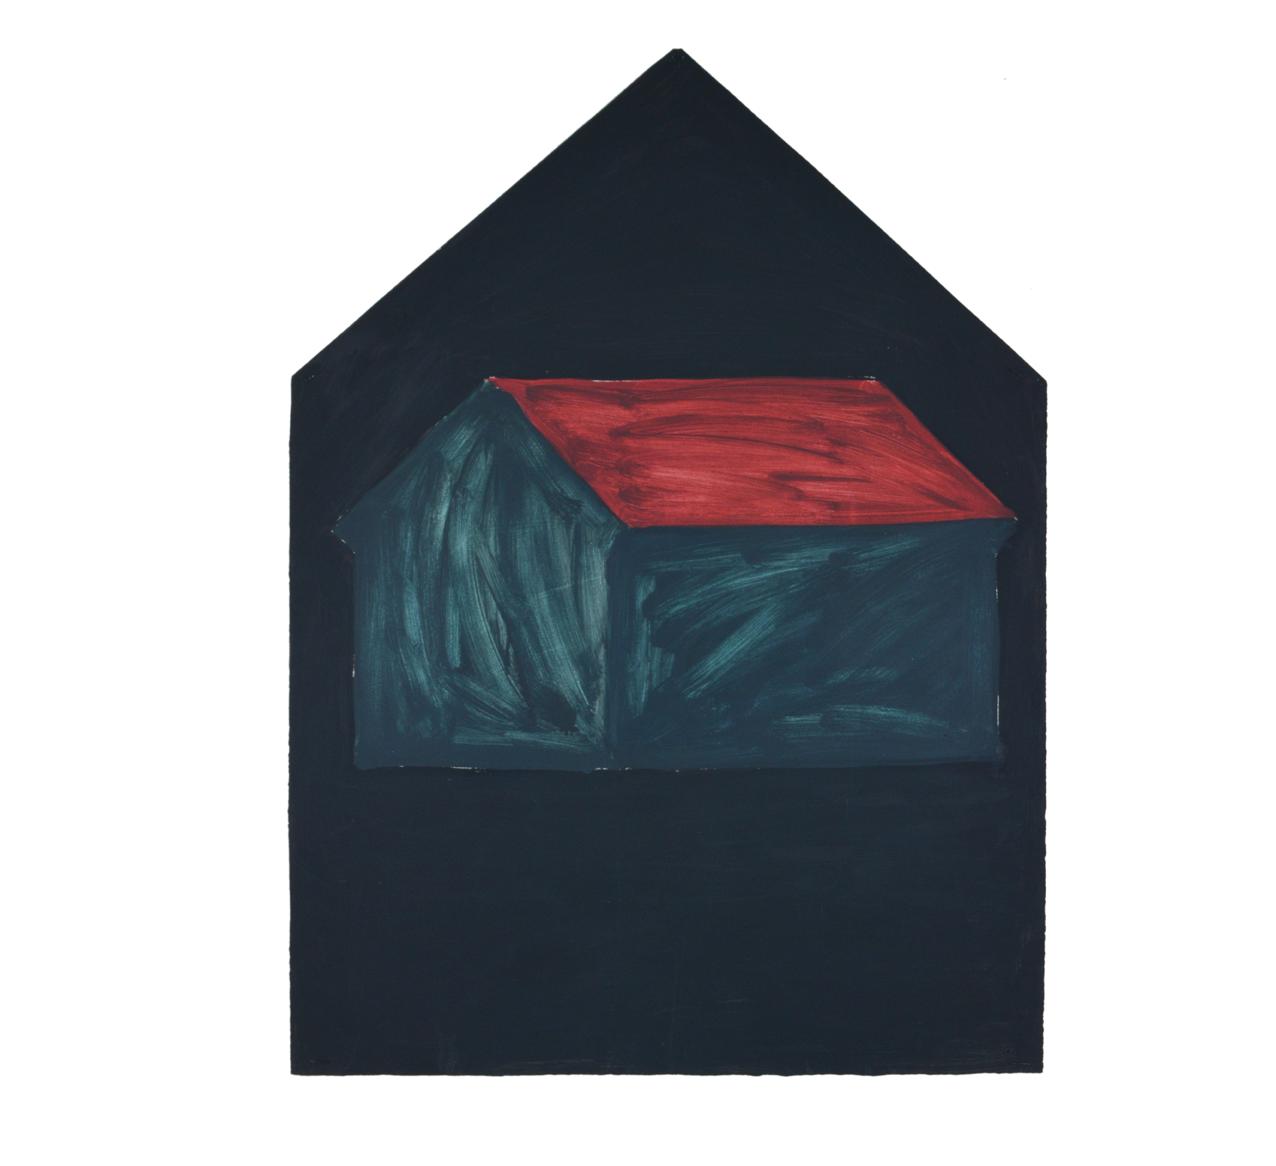 """""""Einzelhaus dunkel"""" 1981, Öl auf Papier, 106 x 79 cm - Sammlung Dr.Dohmen, Aachen - Foto Hadler/Stuhr"""